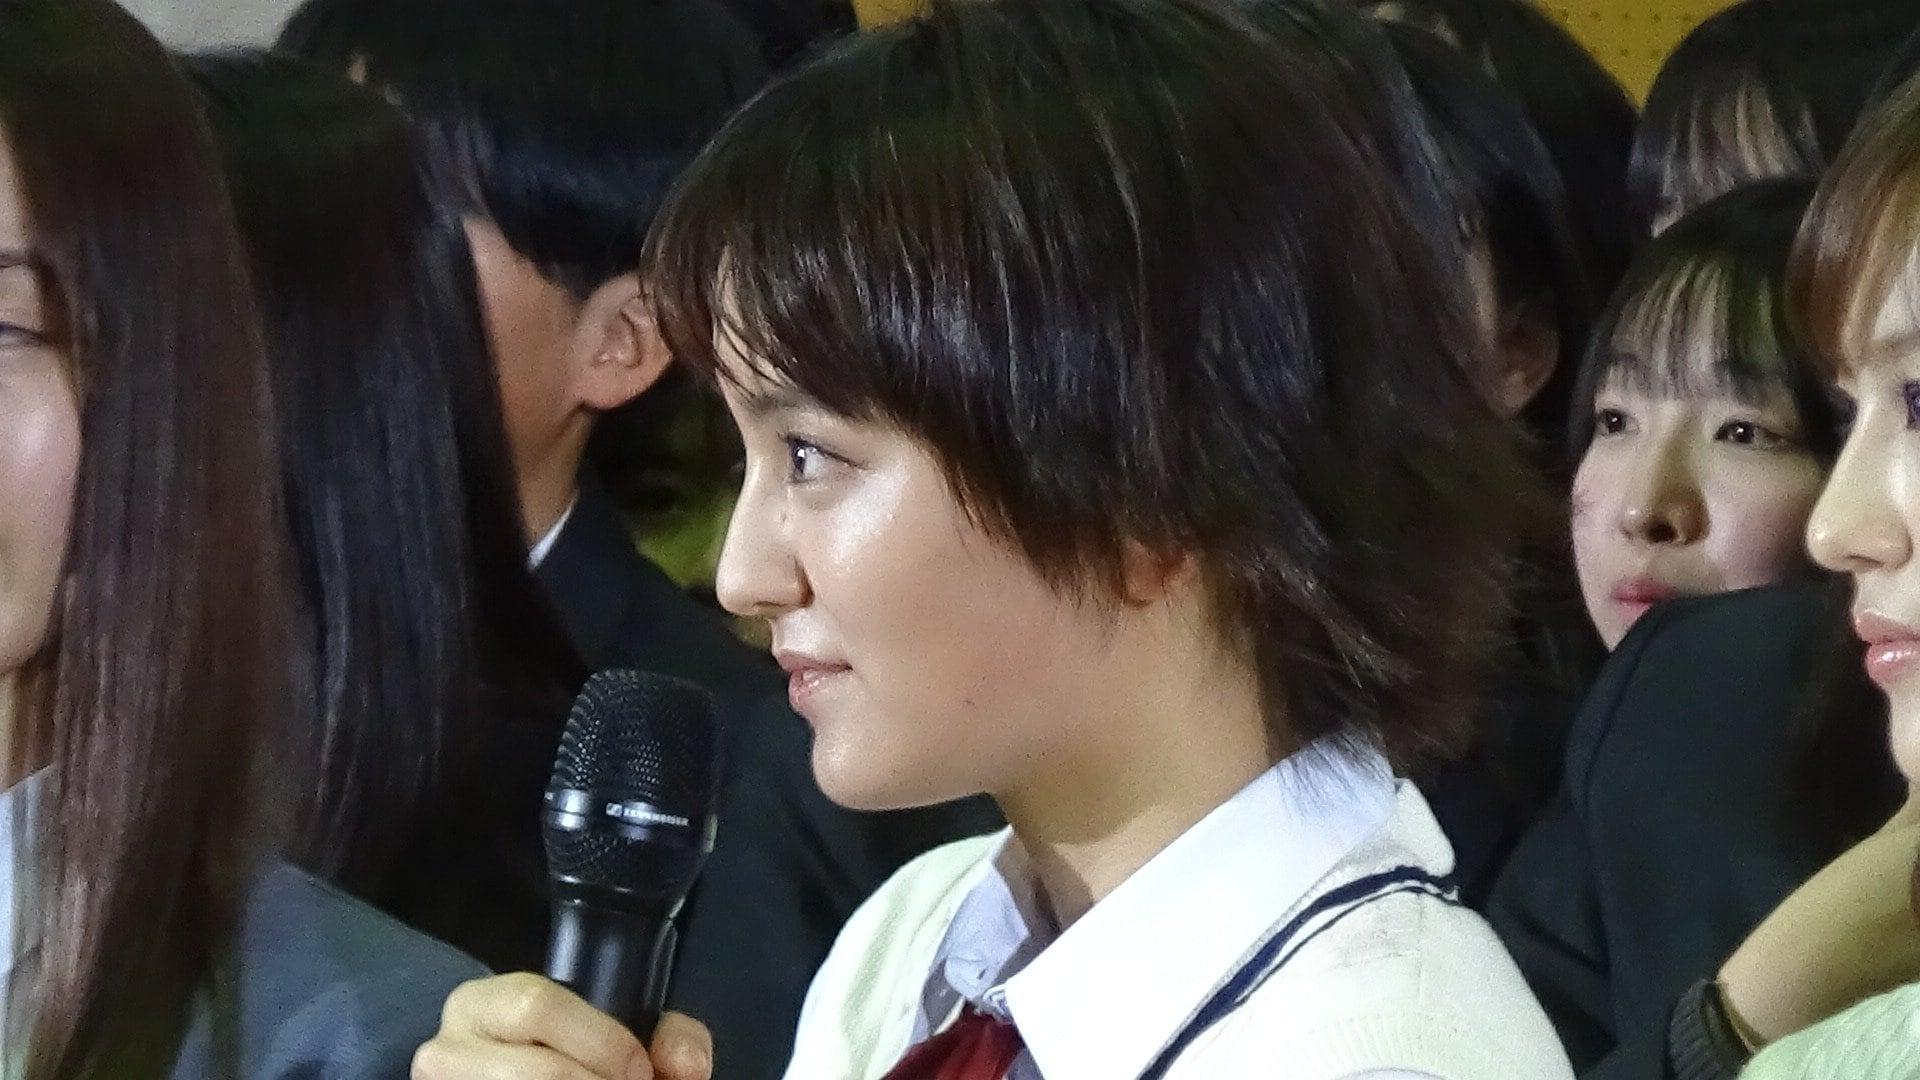 『女子高生の無駄づかい』ドラマ化で岡田結実がバカJKに!?の画像002